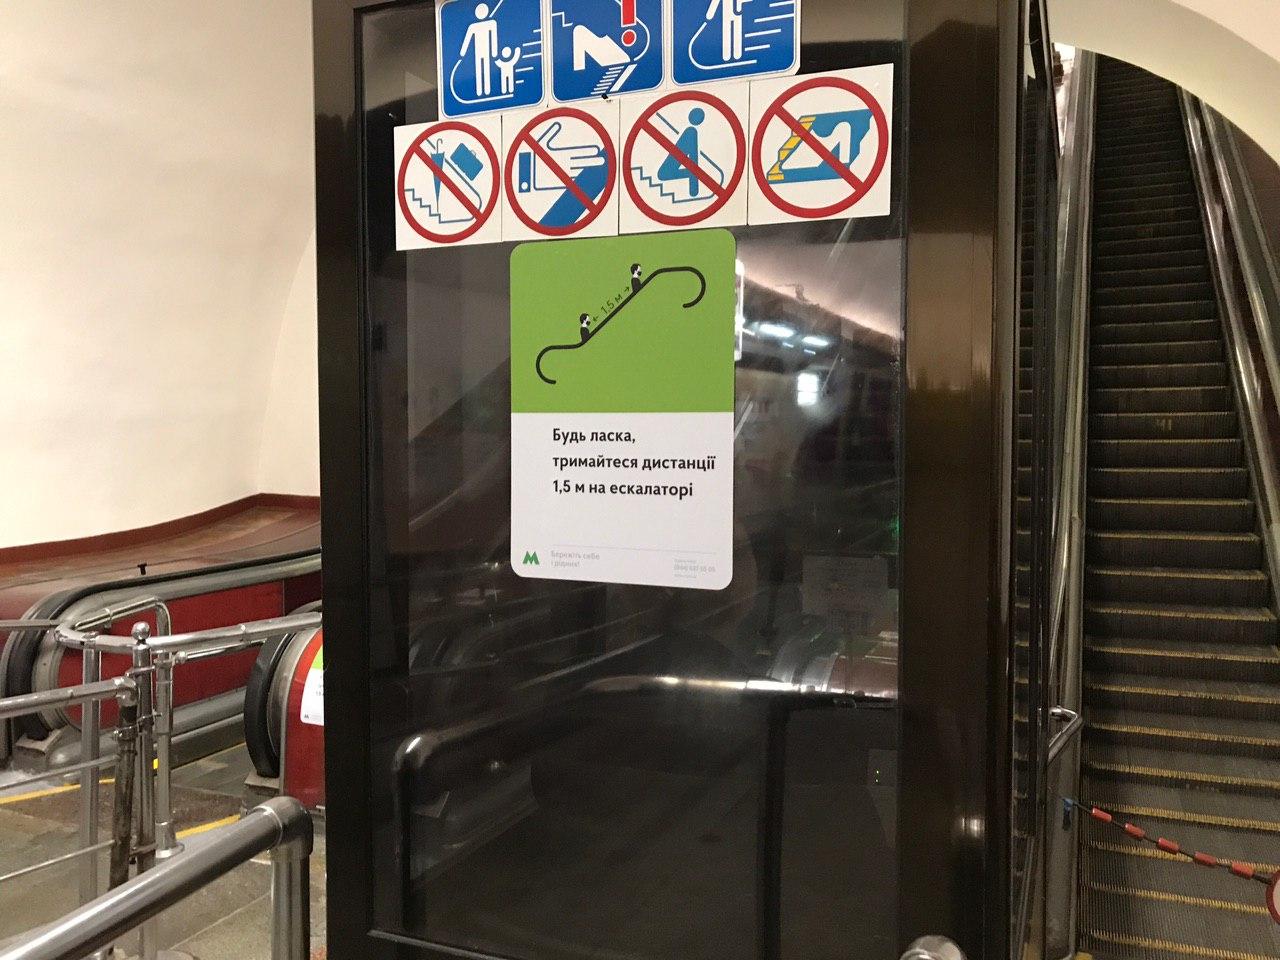 Даже на эскалаторе нужно соблюдать дистанцию